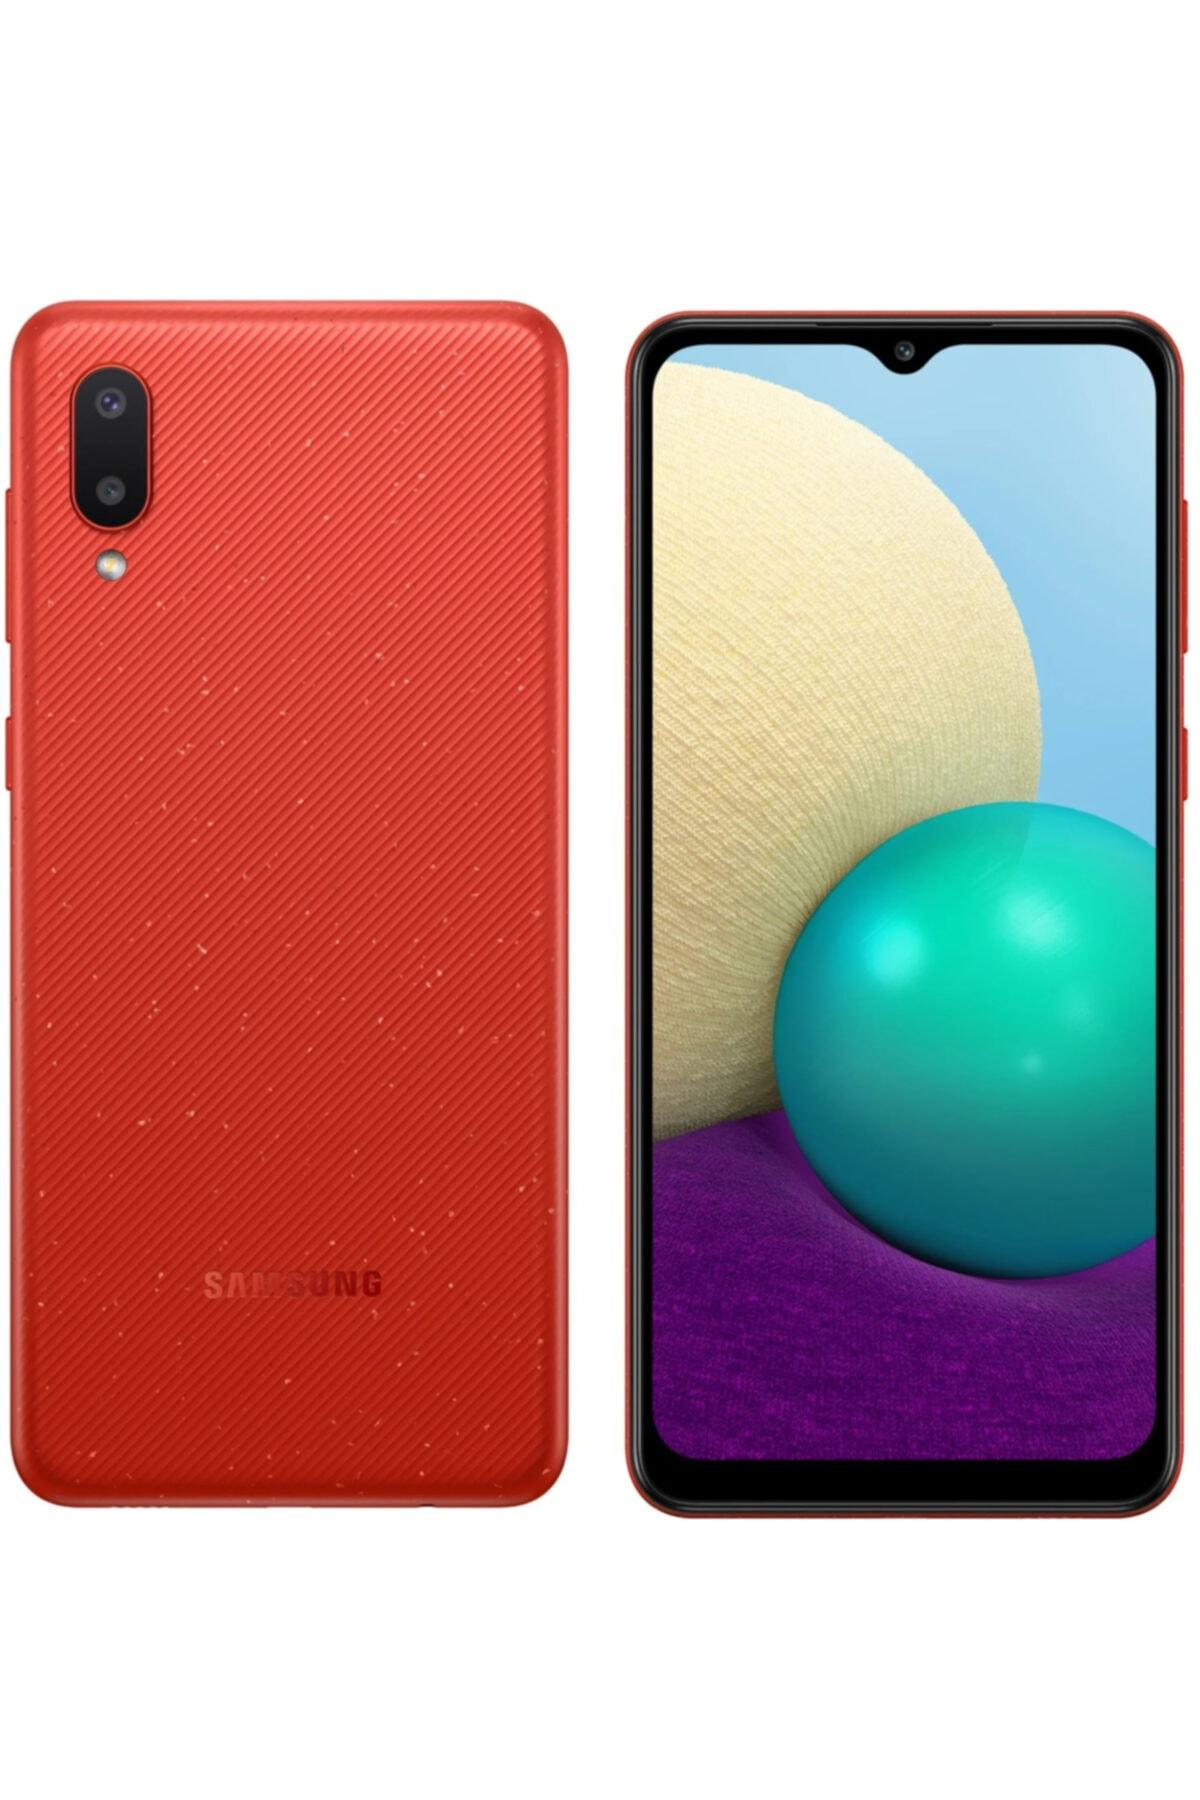 Galaxy A02 32GB Kırmızı Cep Telefonu (Samsung Türkiye Garantili)